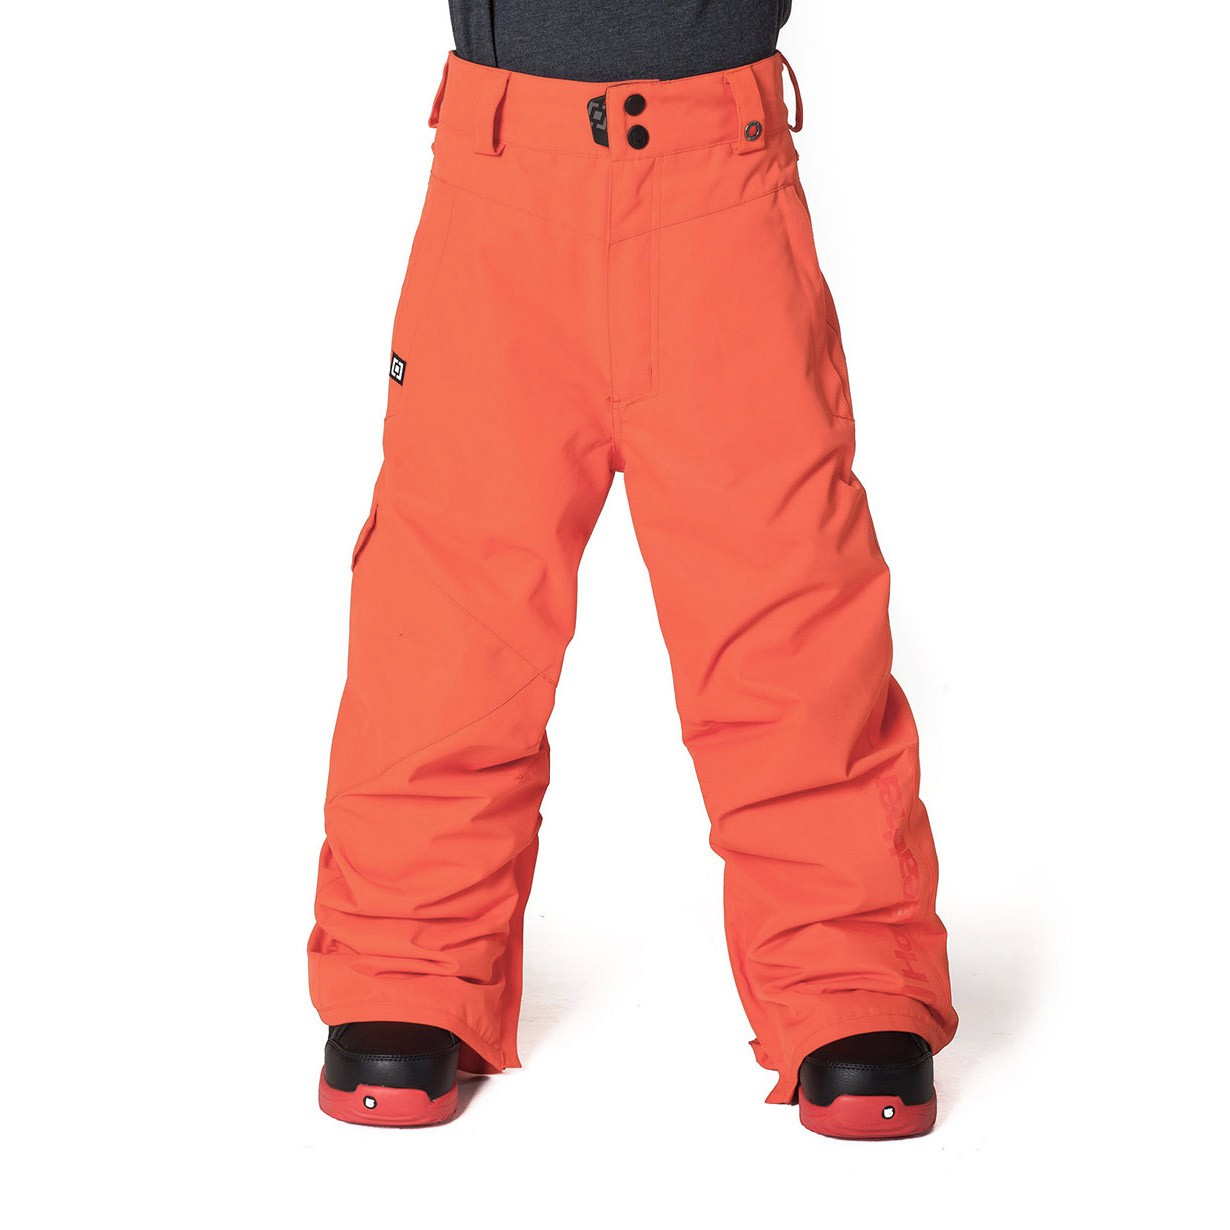 Kalhoty Horsefeathers Blast Kids orange